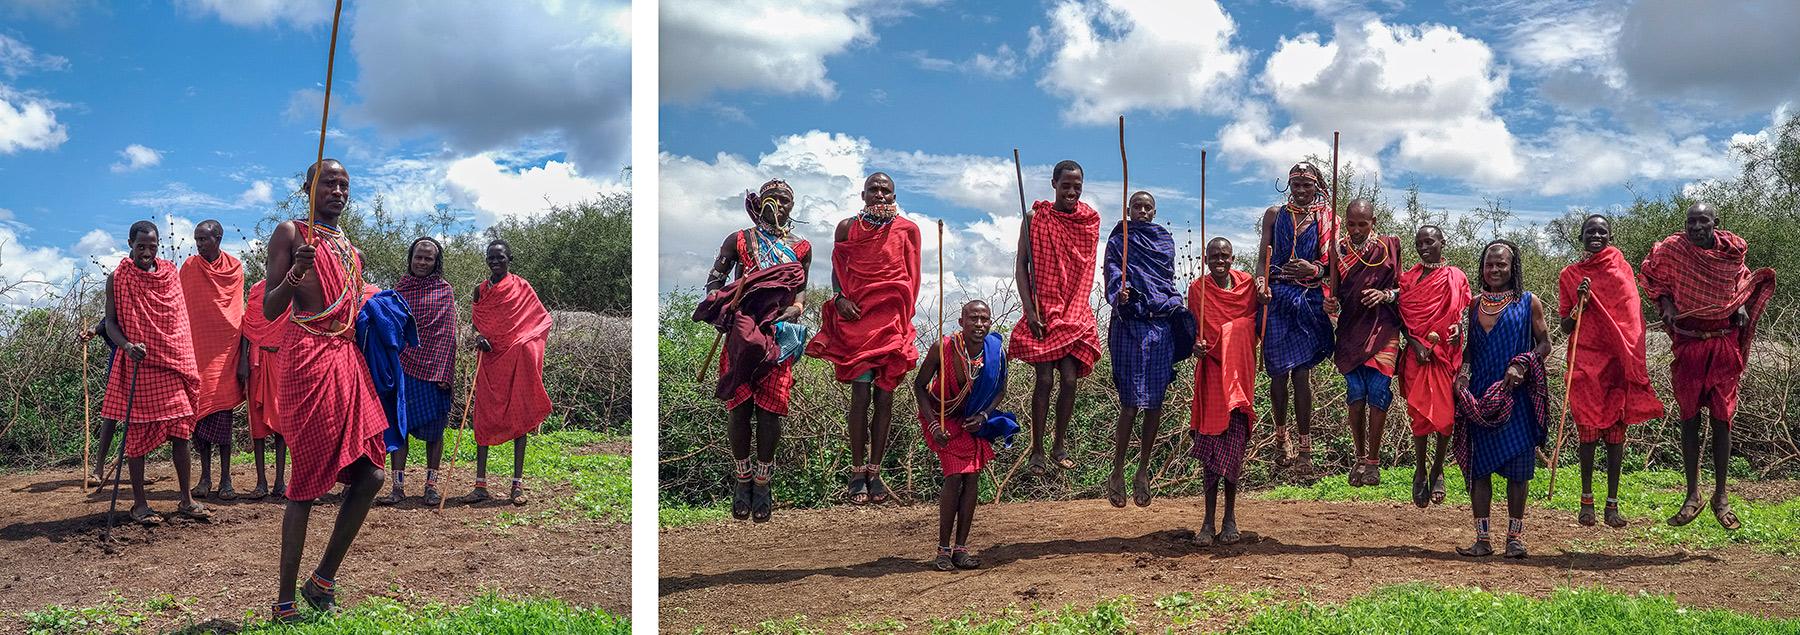 Masajowie z Kenii Oderwany z Masajami